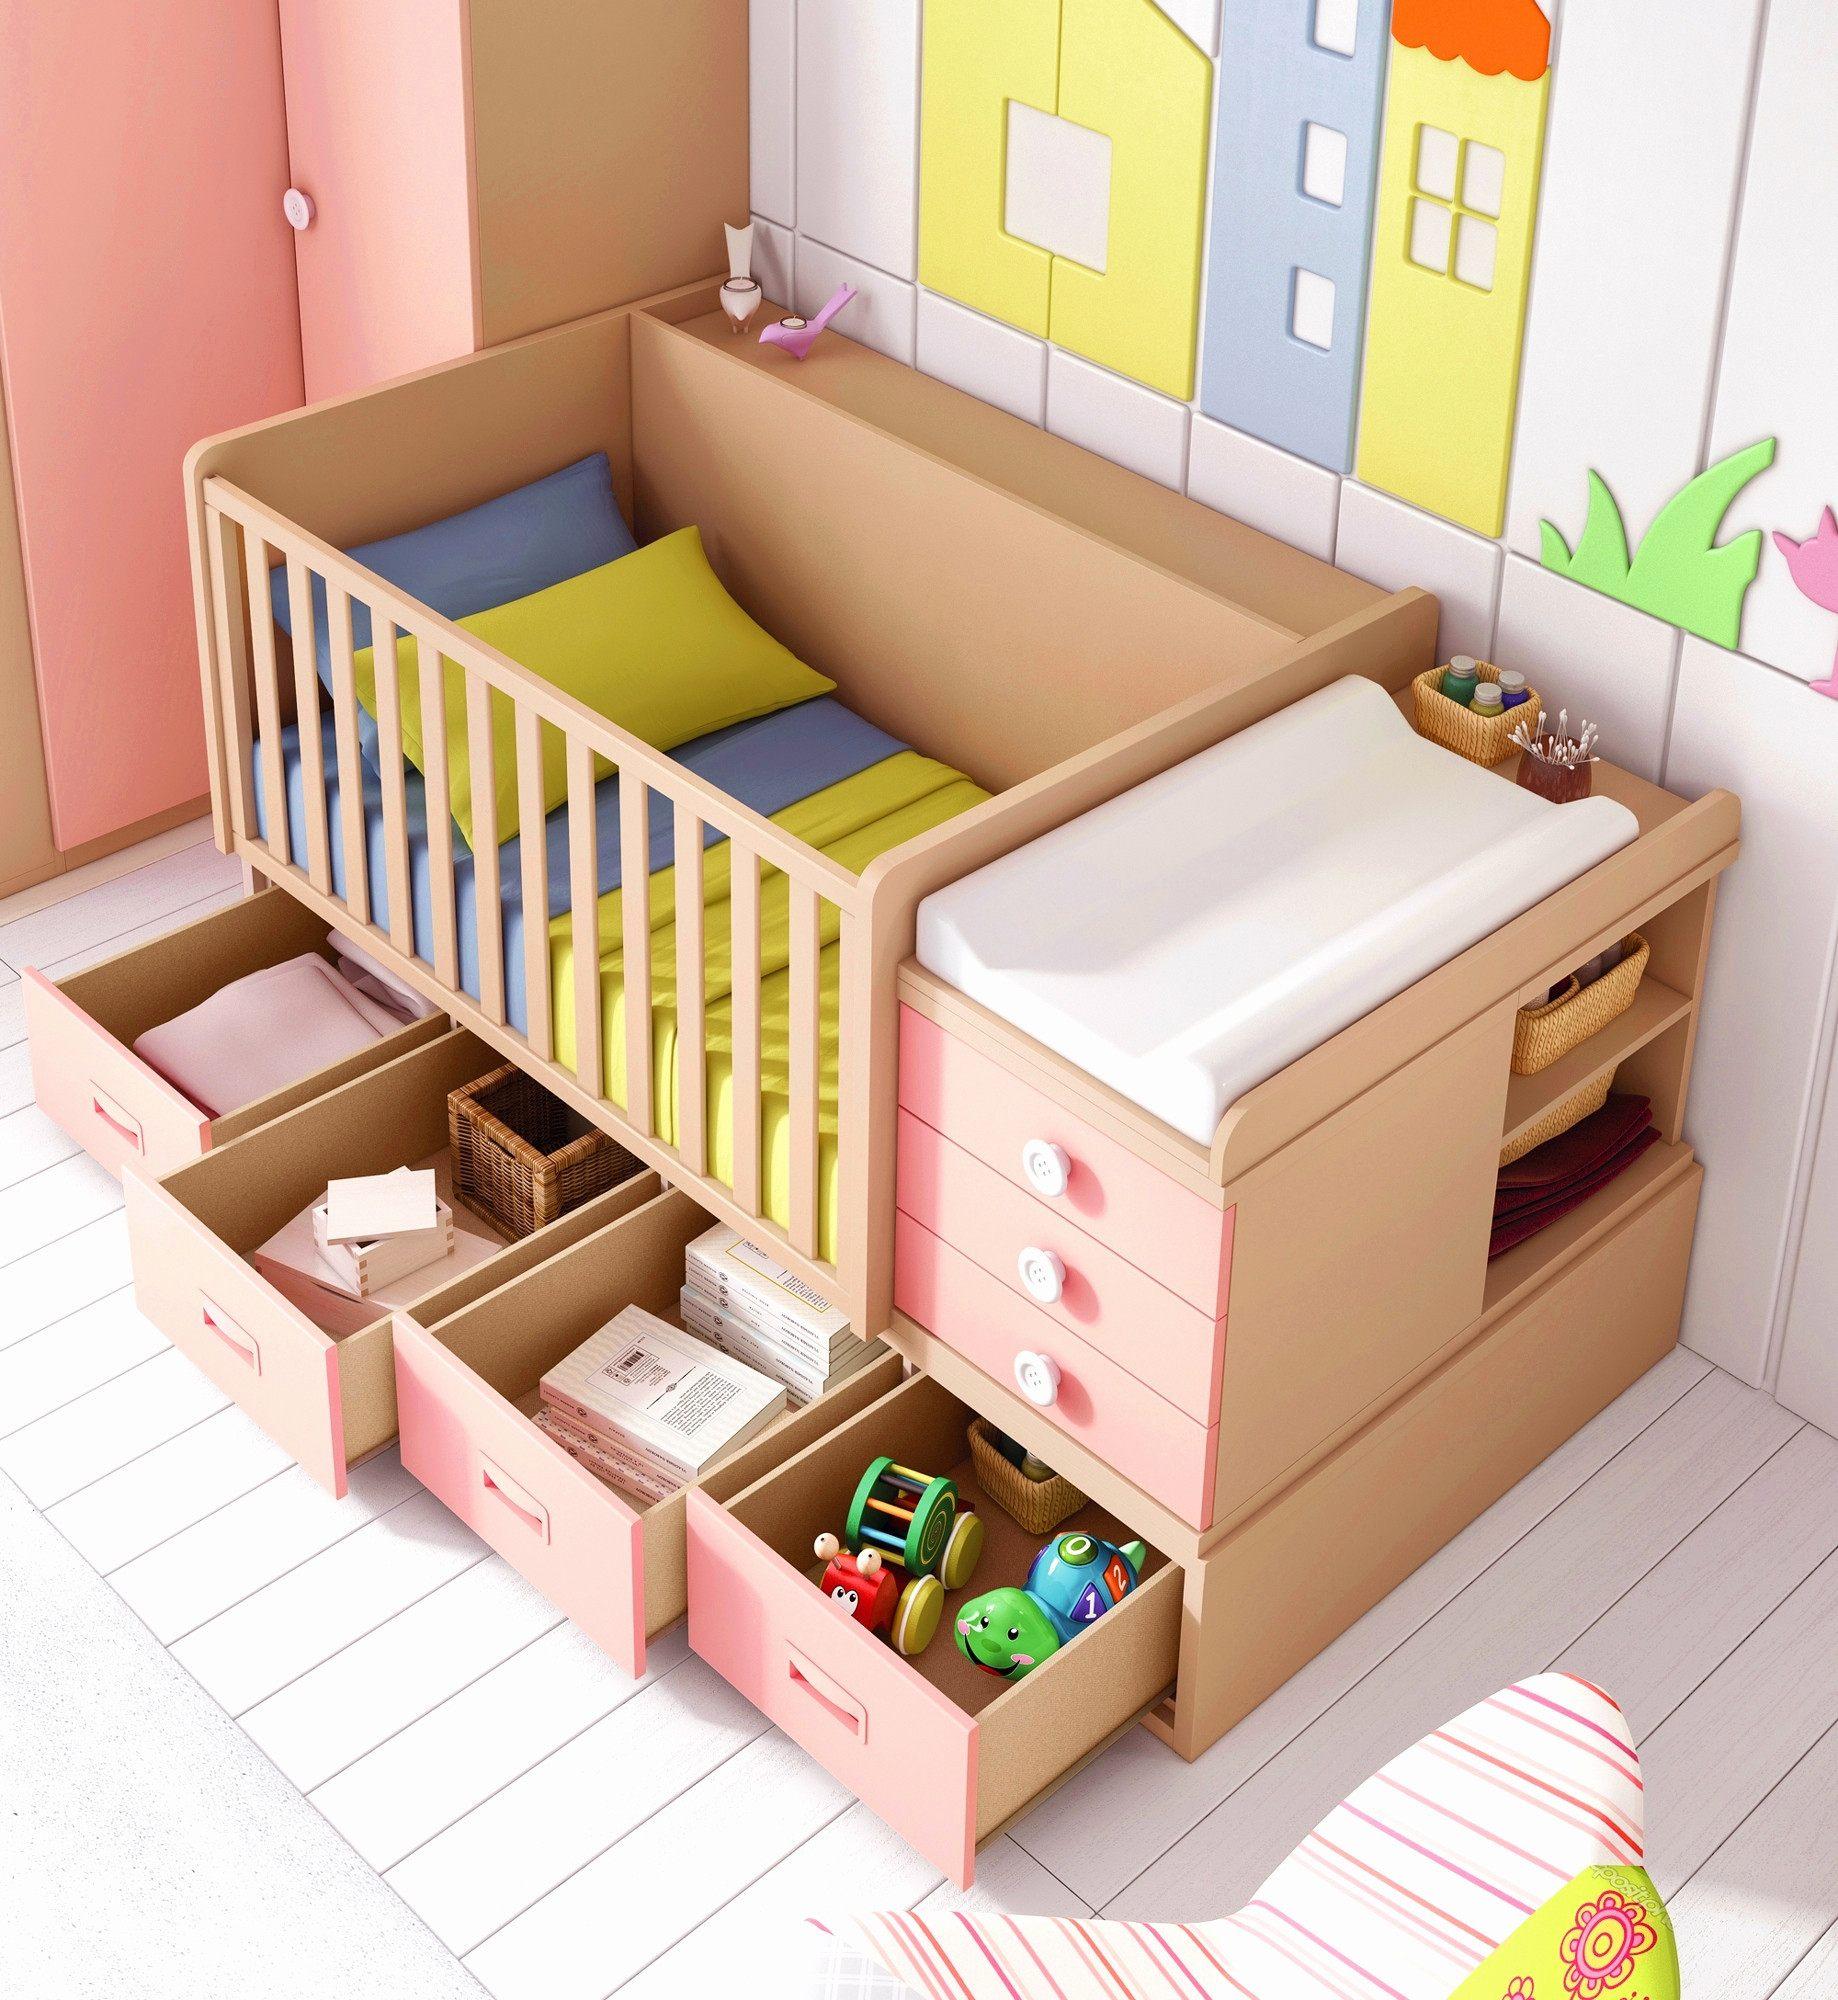 Lit Bébé En Bois Pliant Meilleur De Beau Ikea Baignoire Bébé Chaise Haute Bebe Pliante Parc B C3 A9b C3